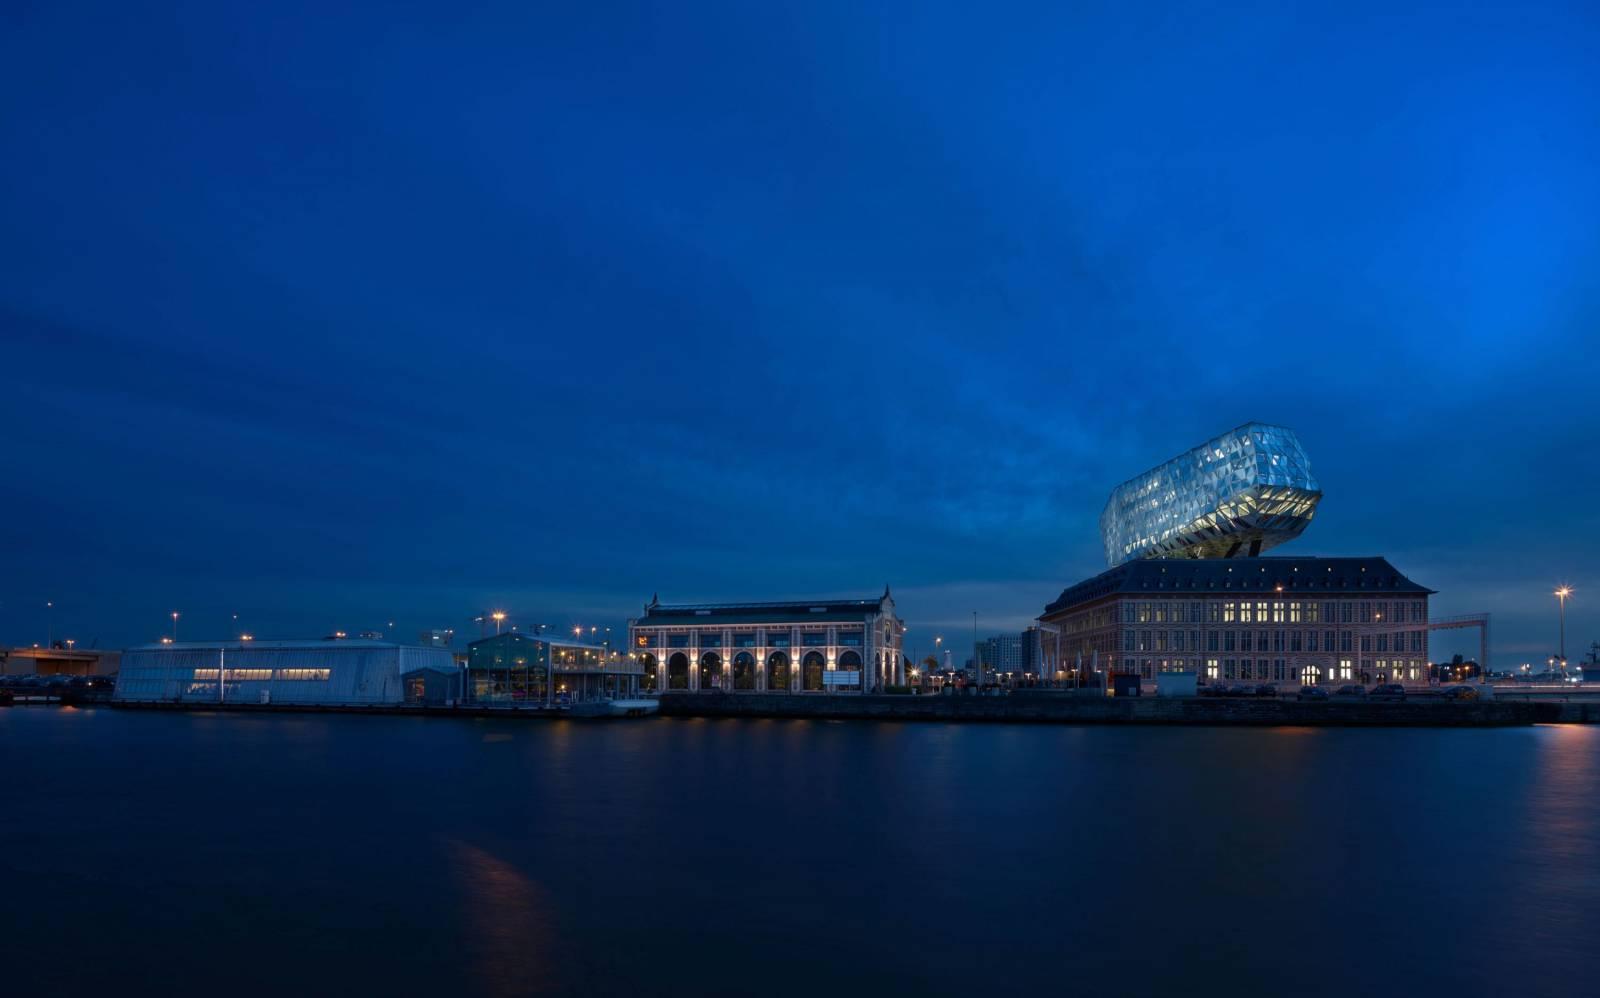 De Ark - Feestzaal Antwerpen - Trouwzaal - House of Weddings - 1